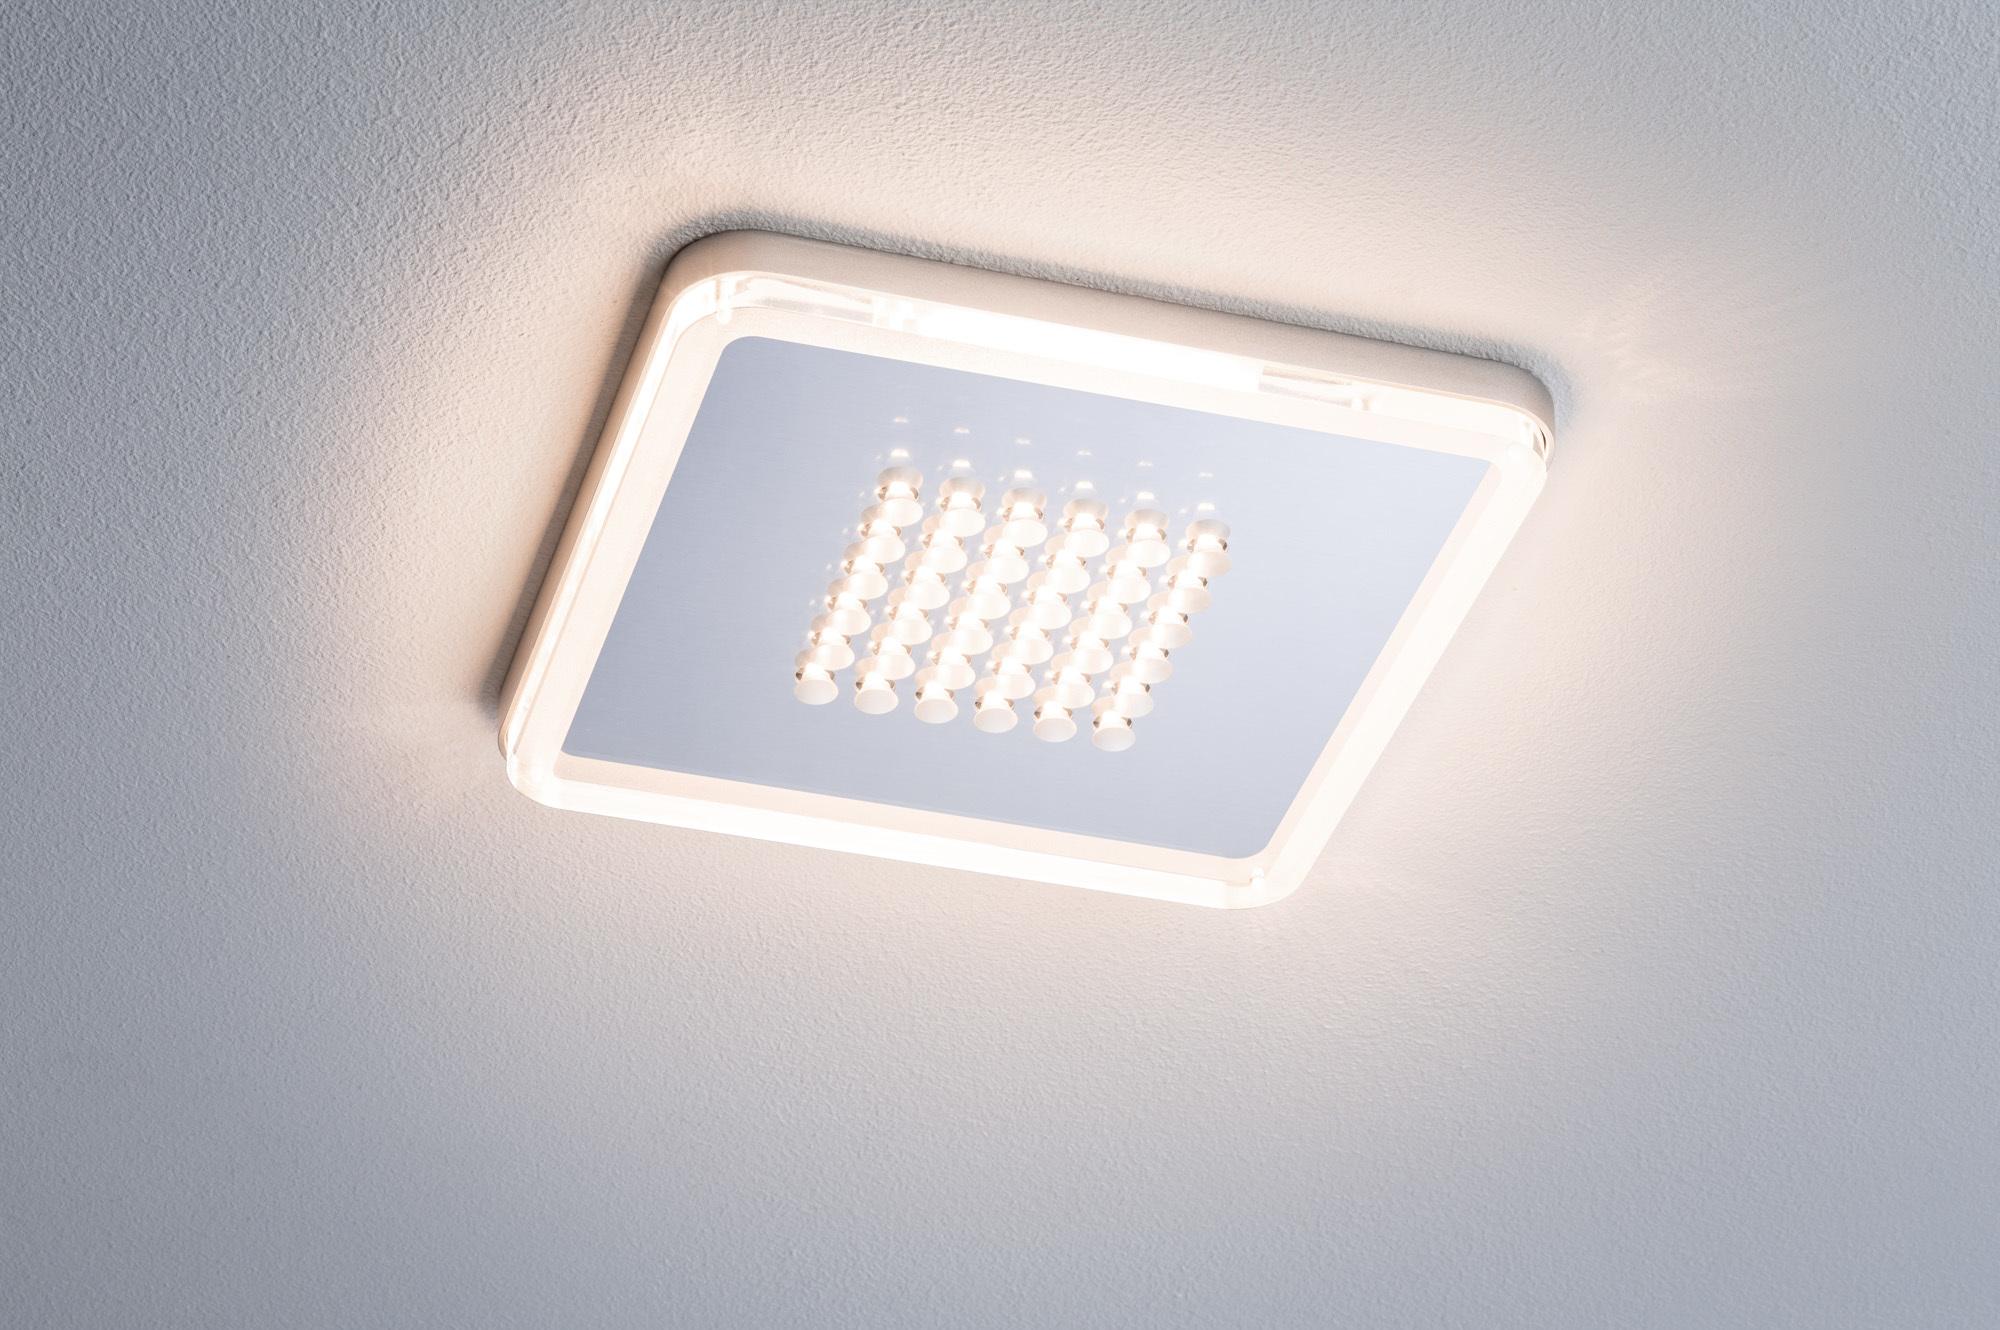 Встраиваемый светодиодный светильник Paulmann Premium EBL Panel Shower LED 92791, LED 10W, матовый хром, металл с пластиком - фото 4